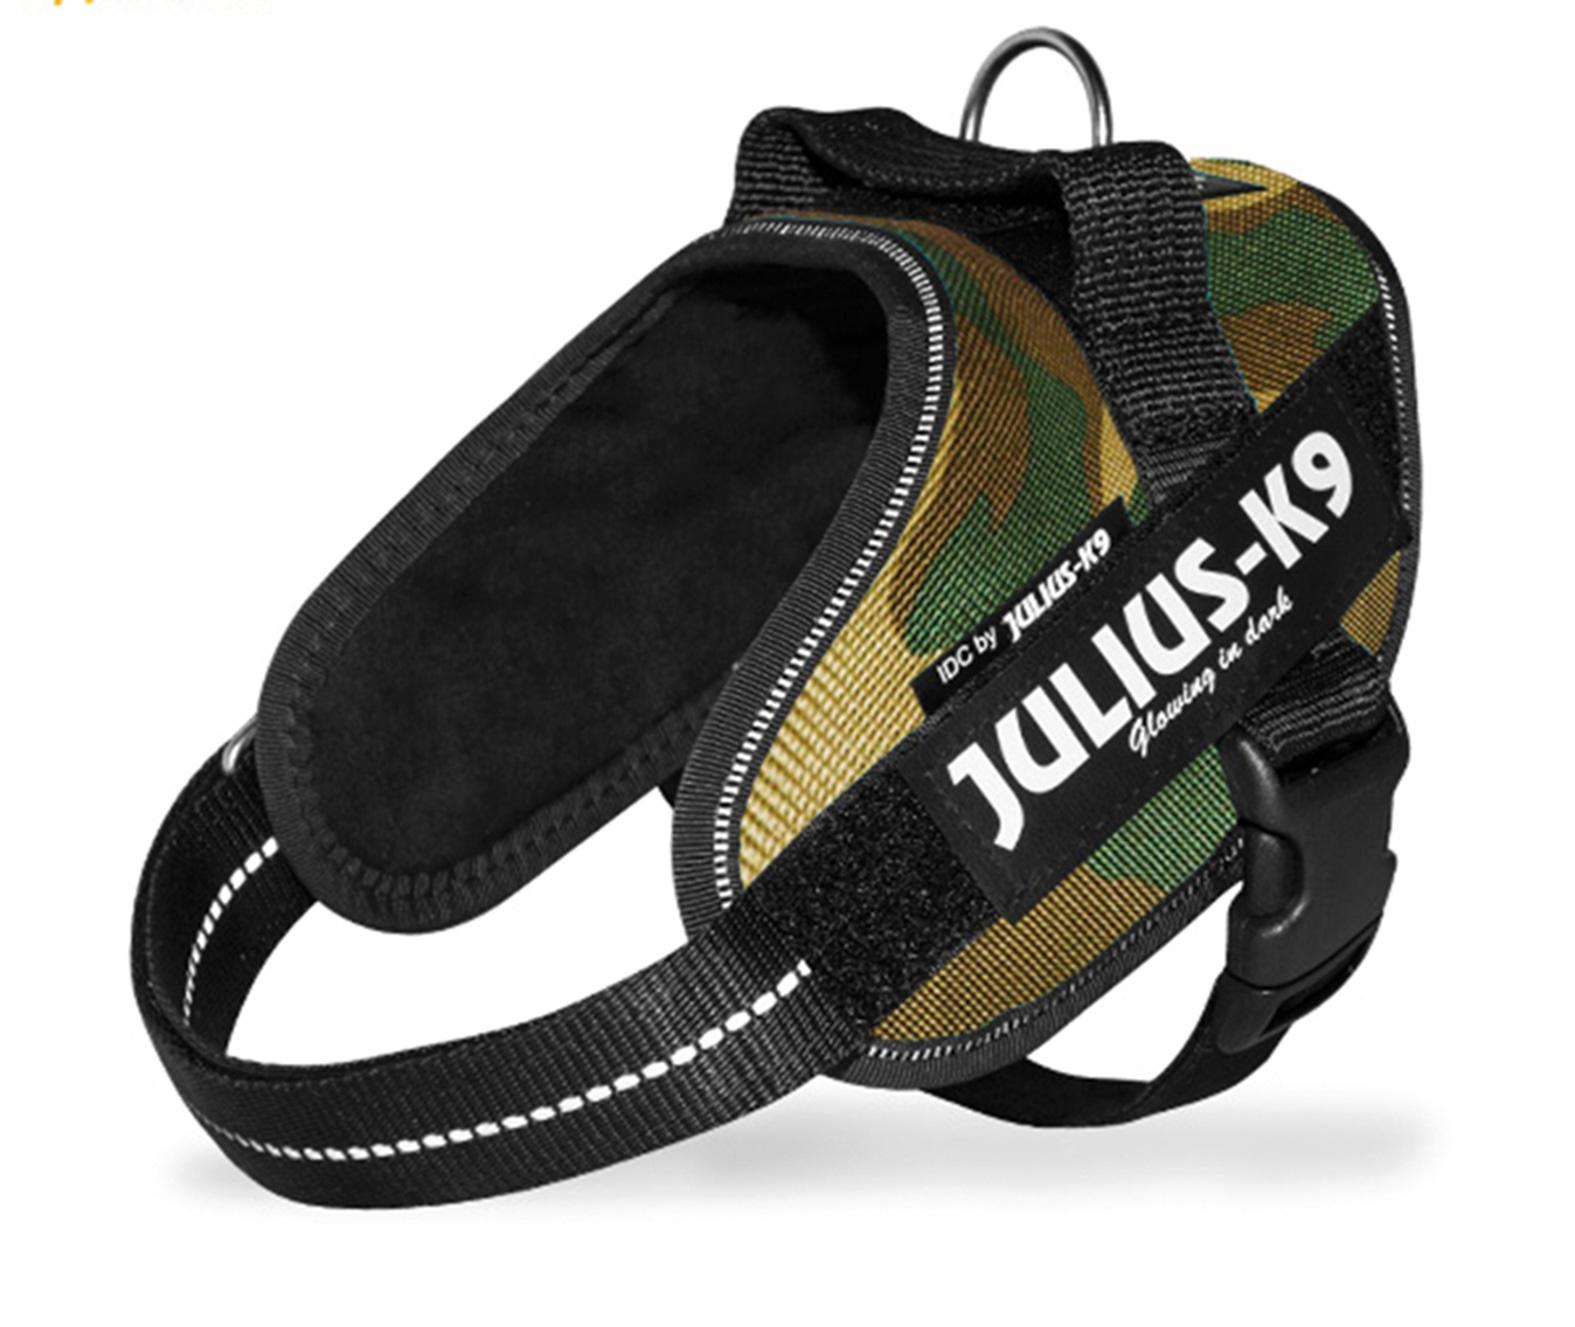 Julius K9 Power Pettorina, Nylon Misura Mini, Colore Camouflage